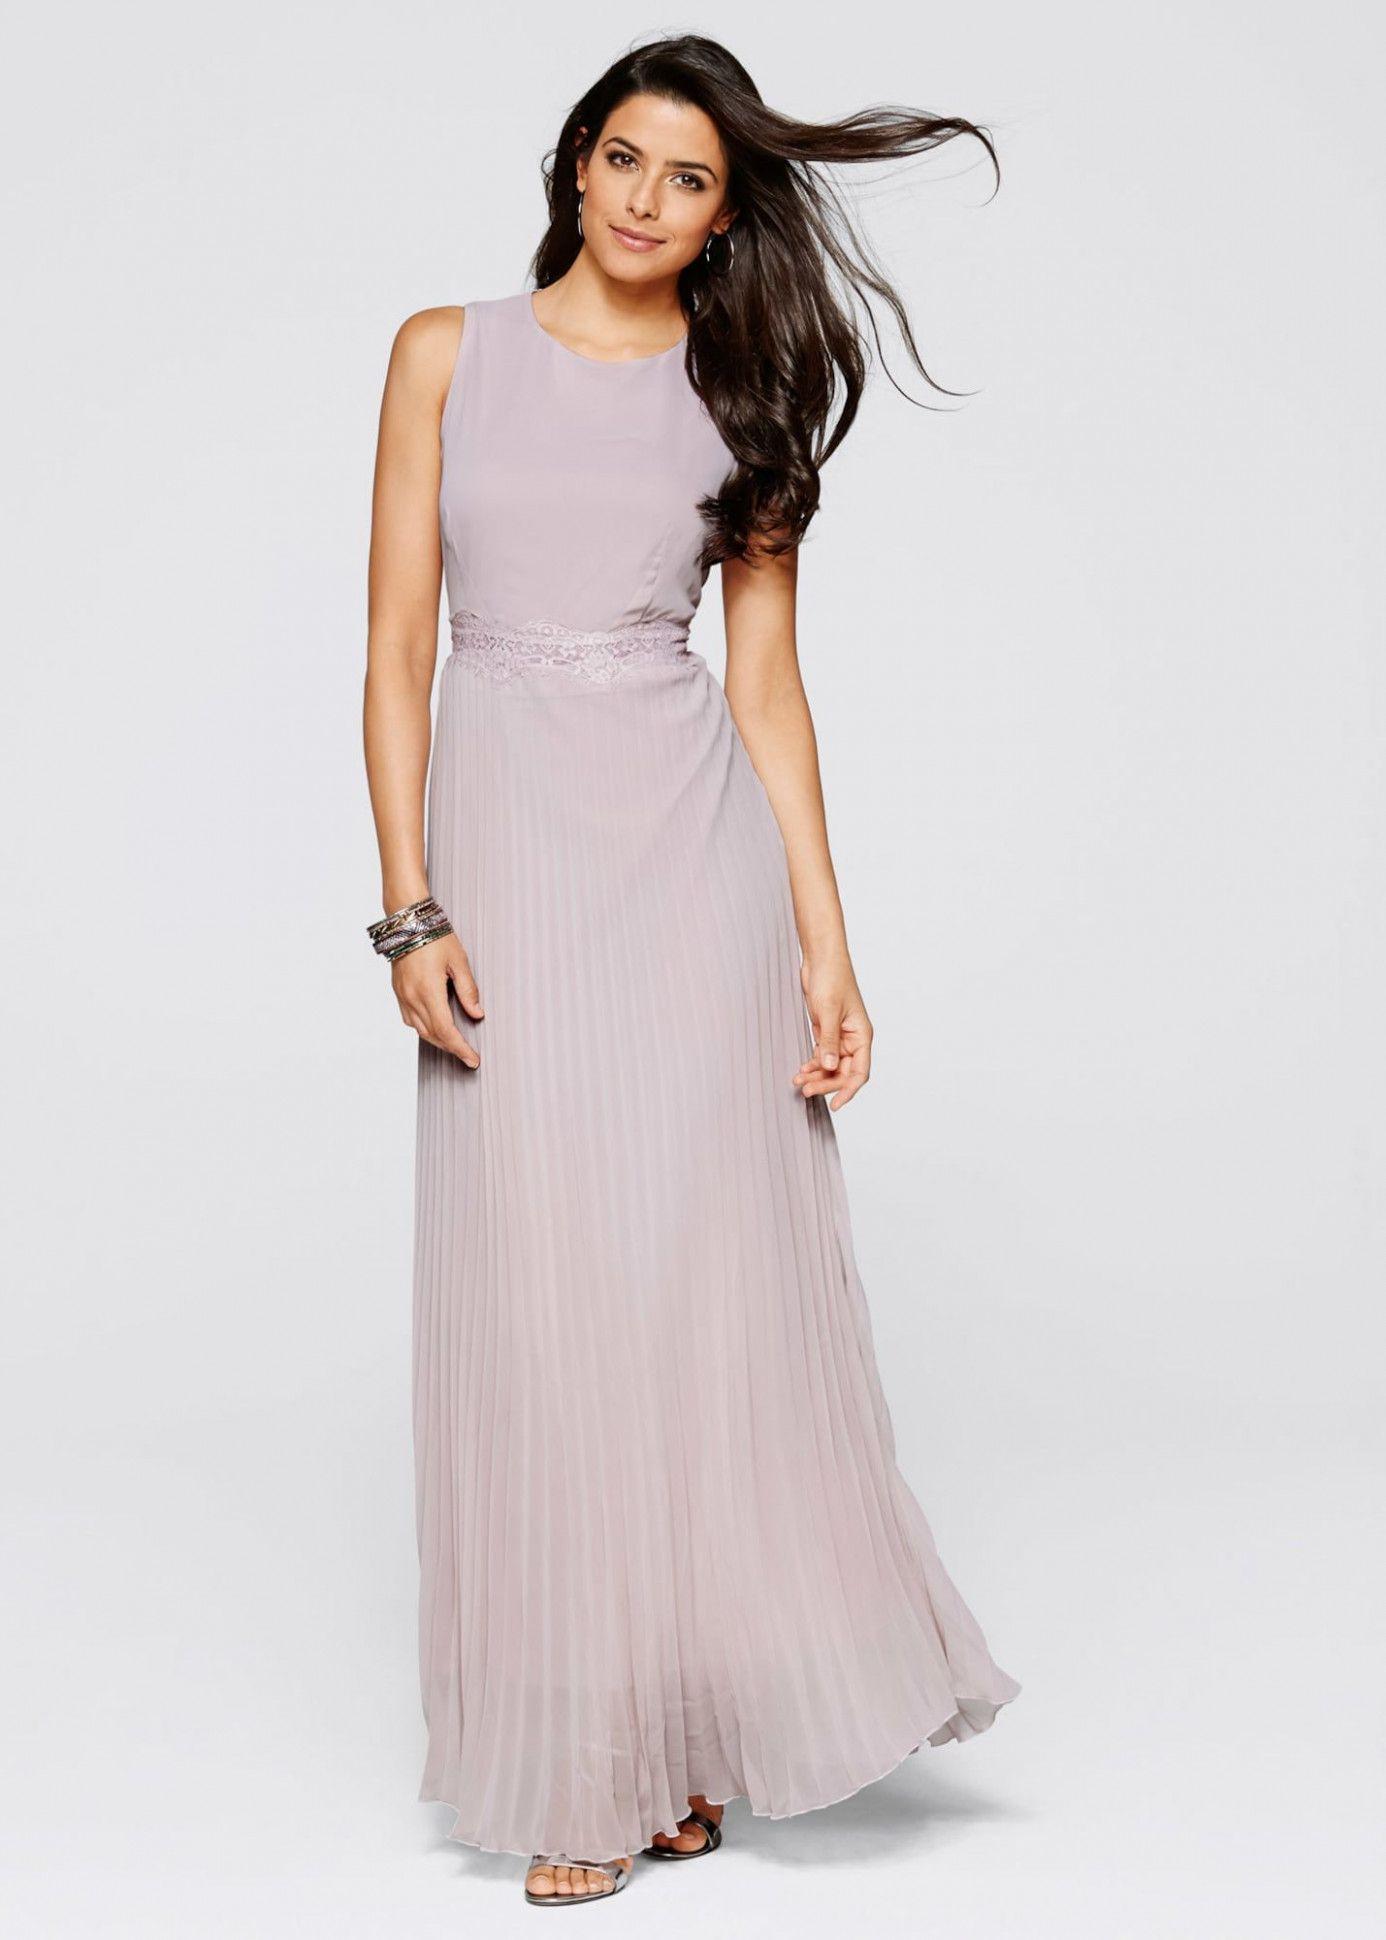 10 Kleider Ab Größe 10 in 10  Abendkleid, Kleider für jeden